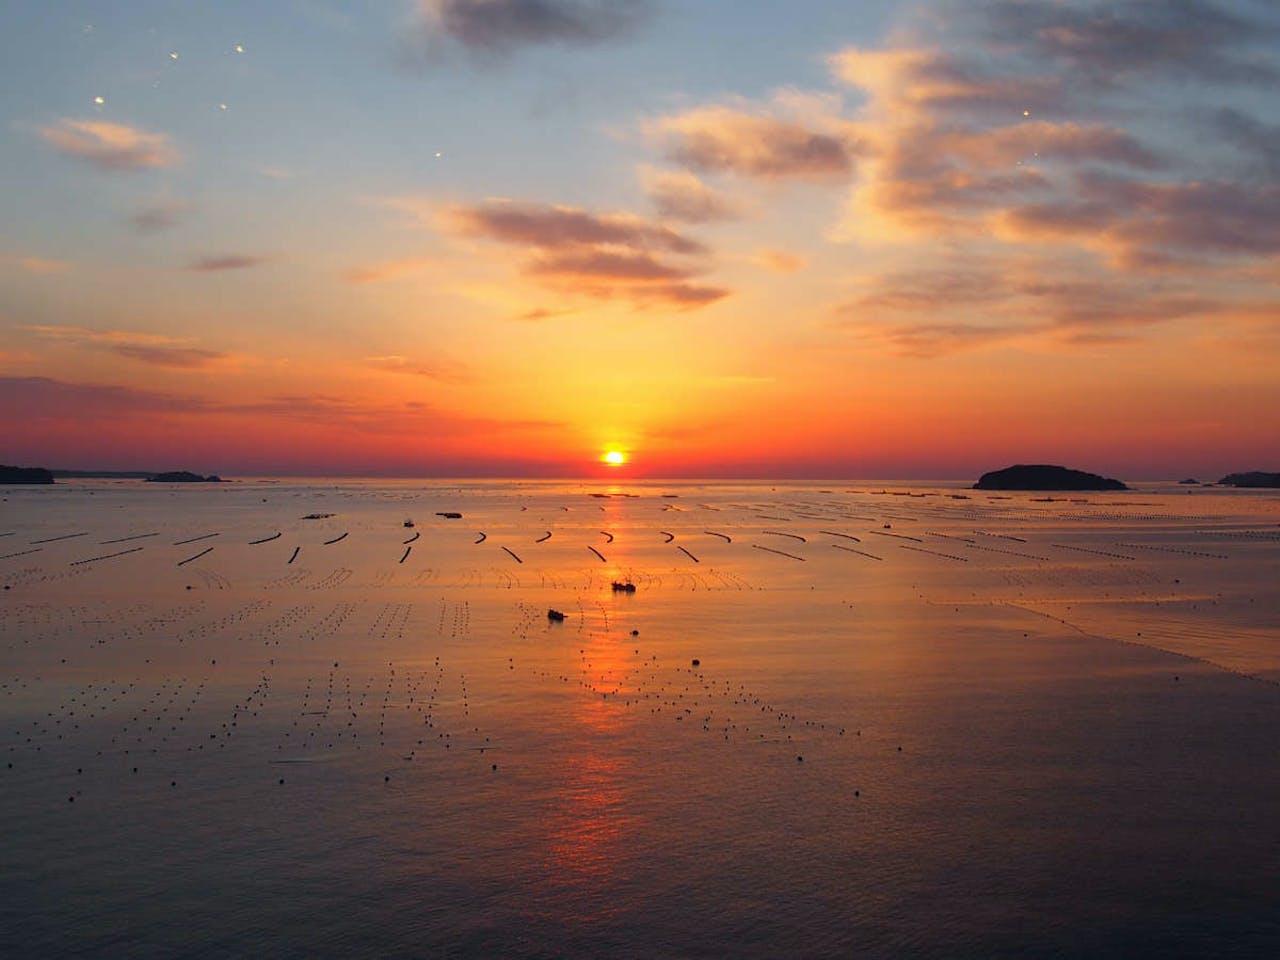 志津川湾から昇る日の出!